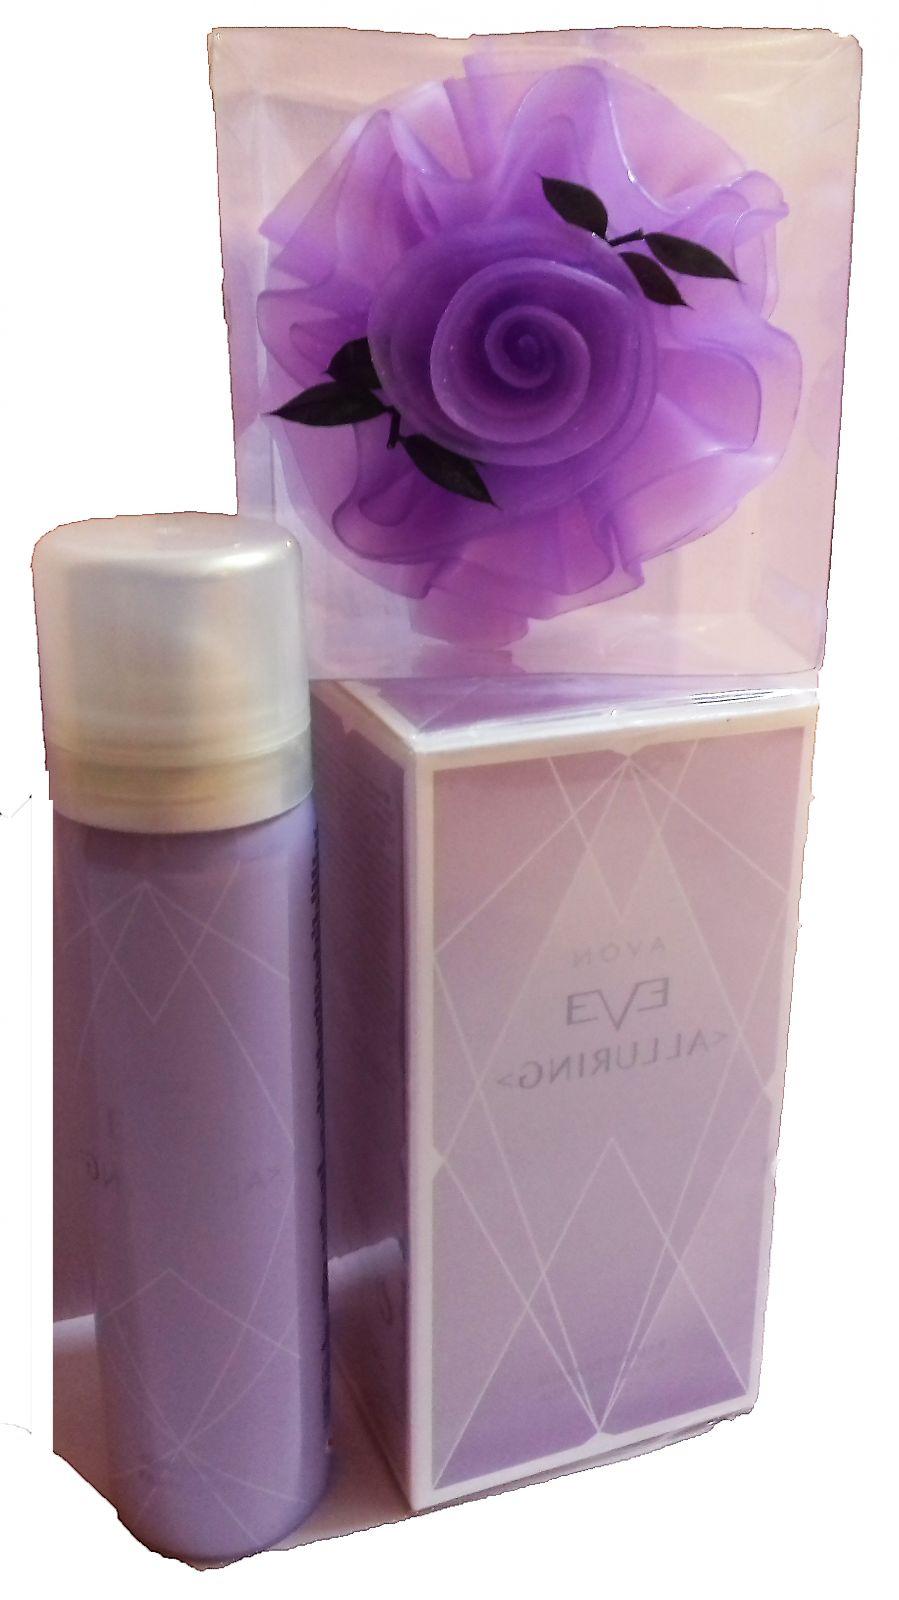 Avon Eve Alluring Dárková sada parfém/tělový sprej/mýdlová růže